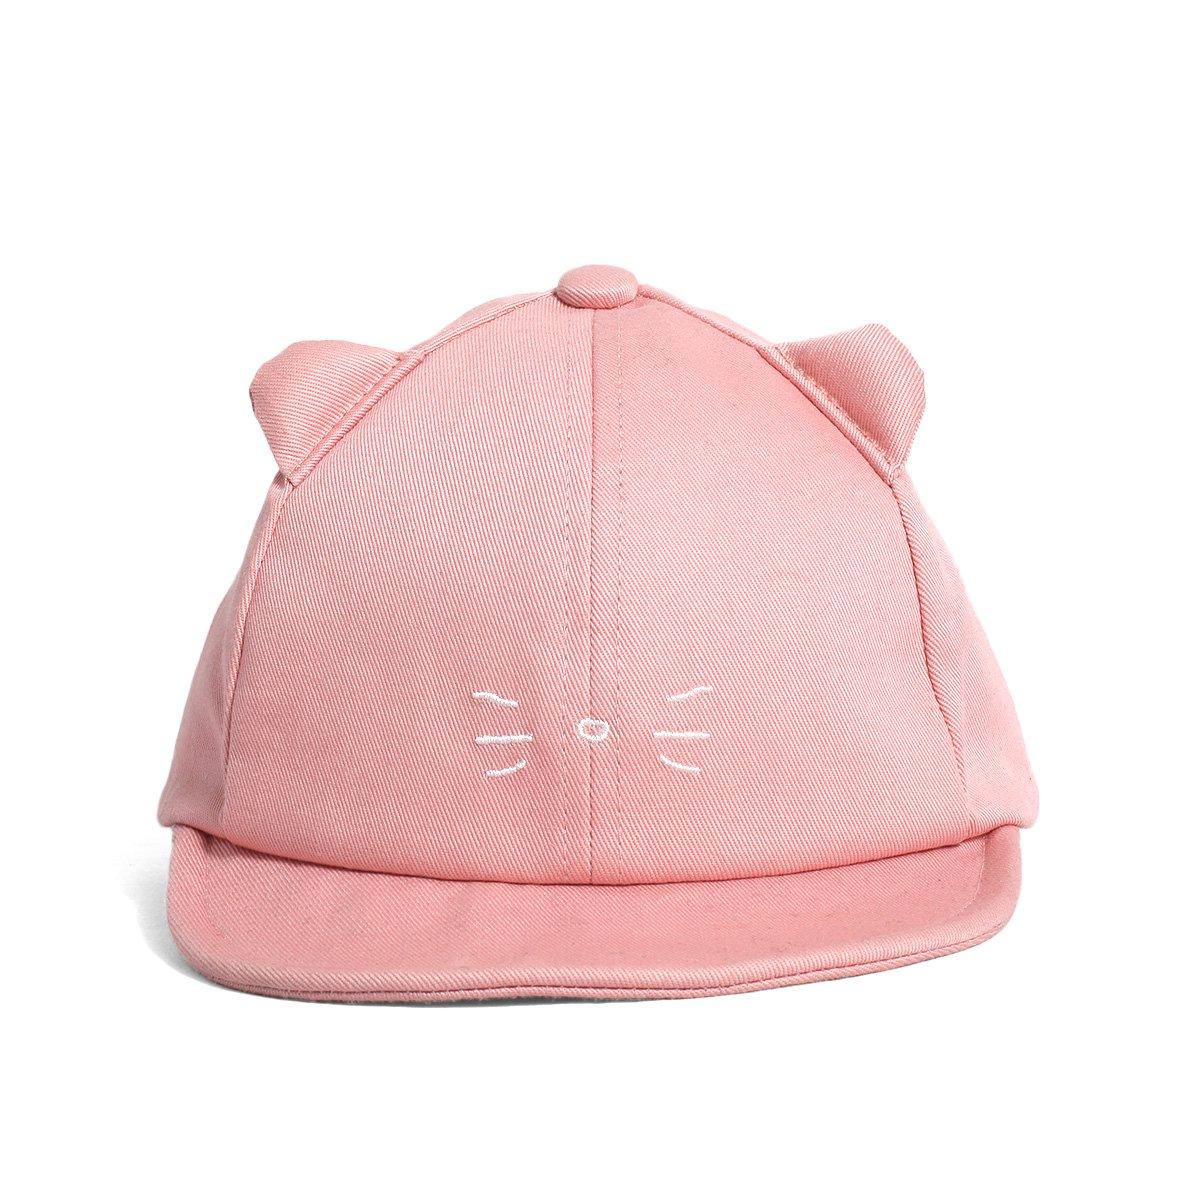 【BABY】Cat Ear Cap 詳細画像3